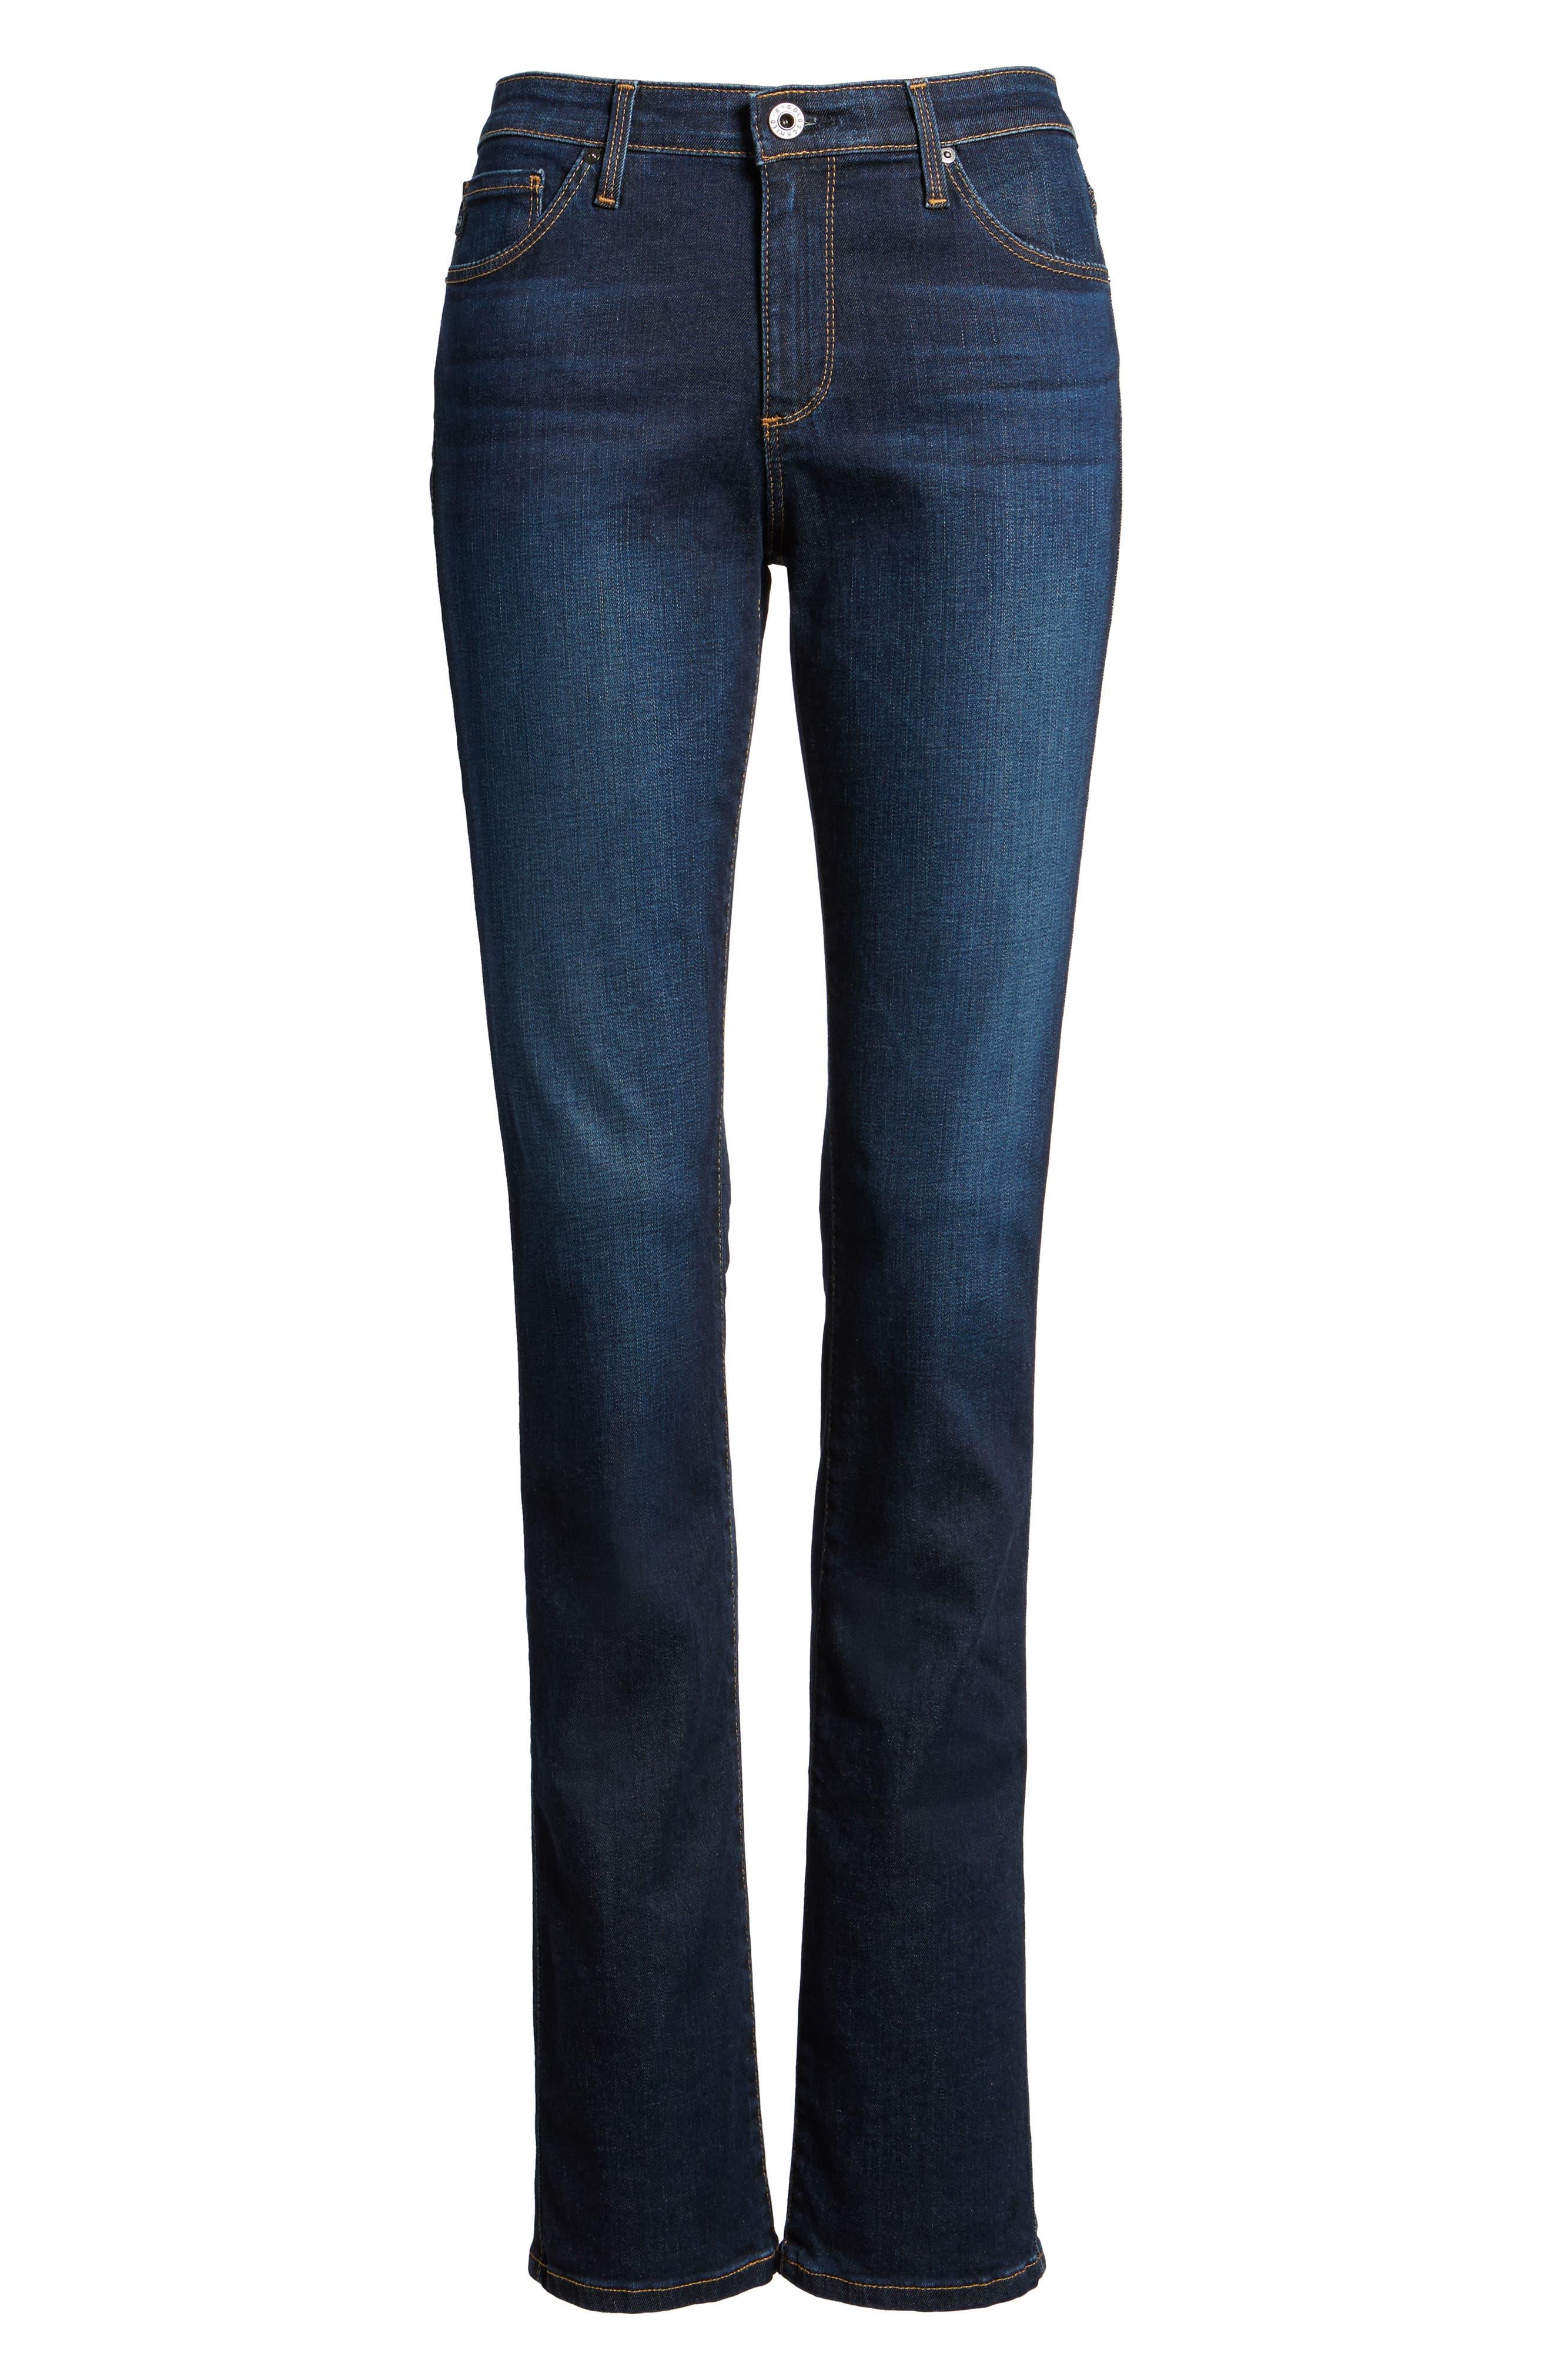 Harper Slim Straight Leg Jeans,                             Alternate thumbnail 2, color,                             SMITTEN